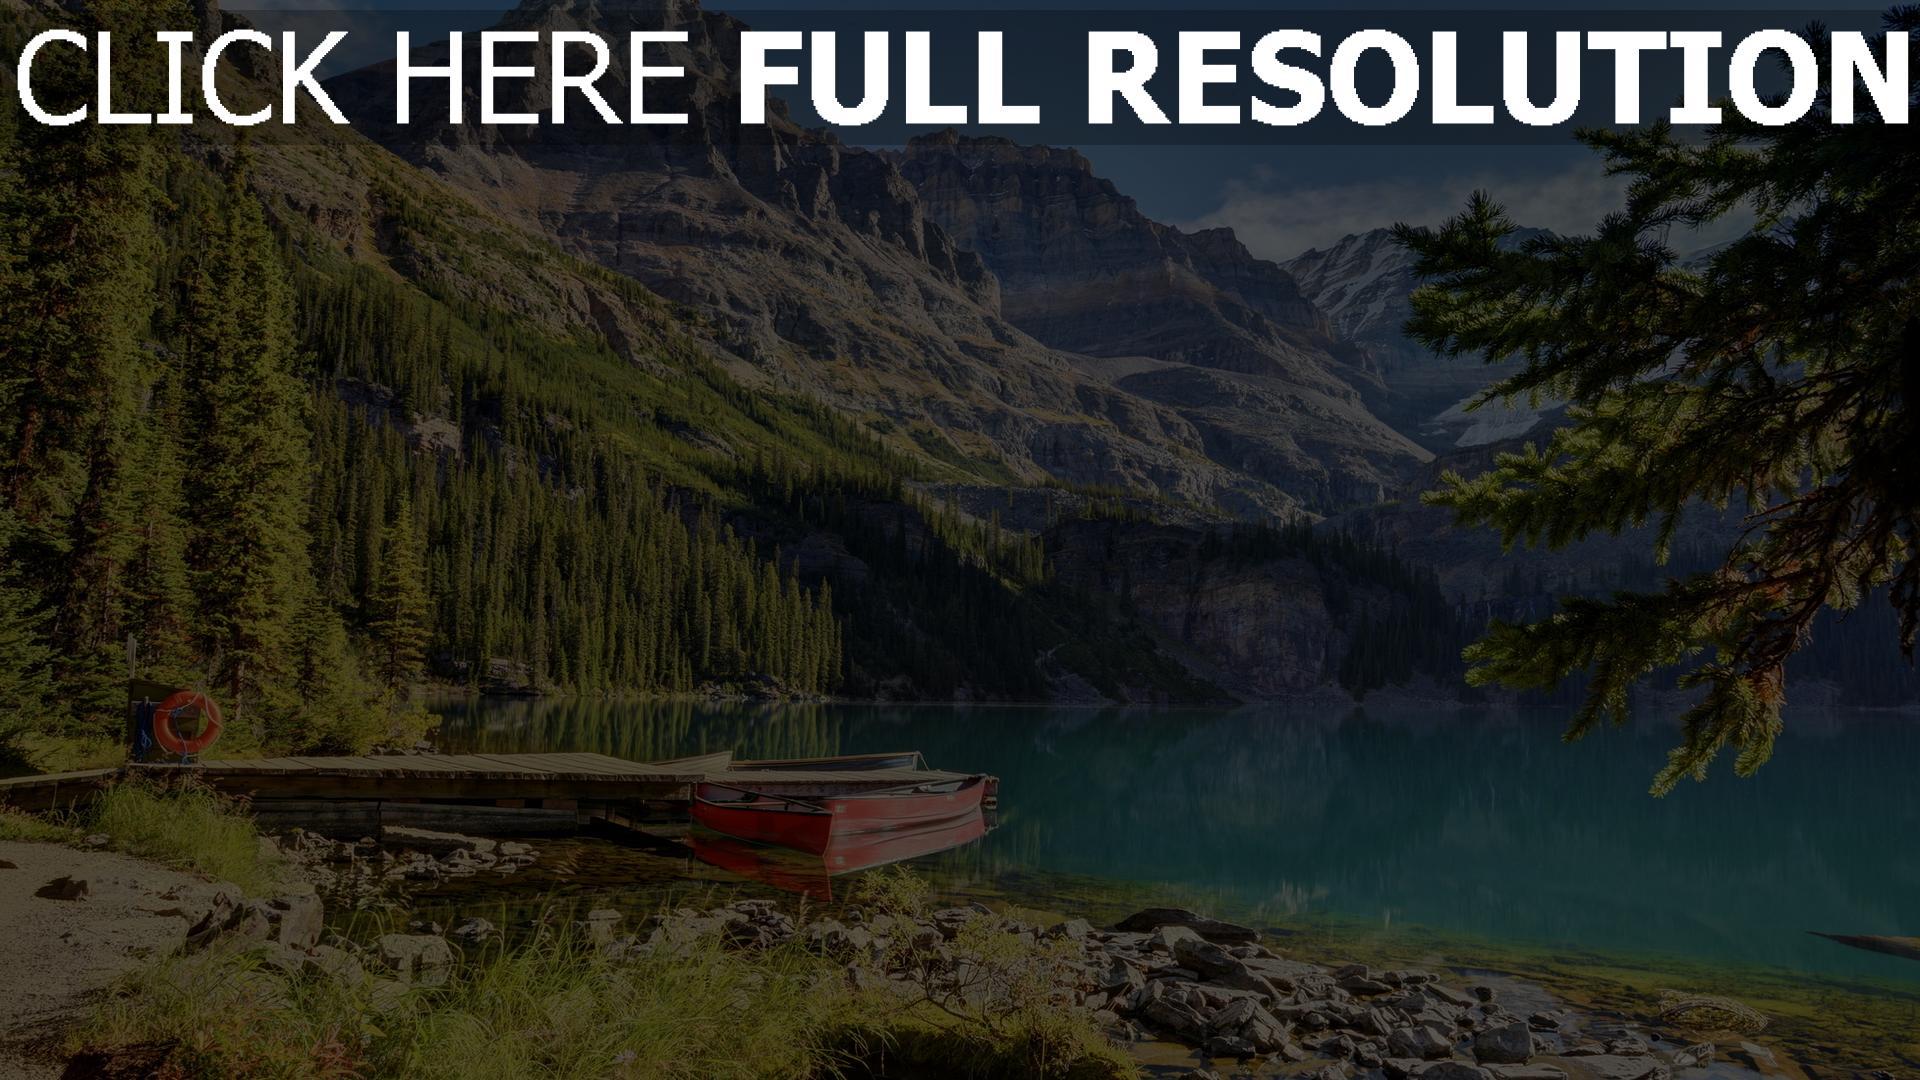 hd hintergrundbilder ufer boot see berge tannenwald 1920x1080